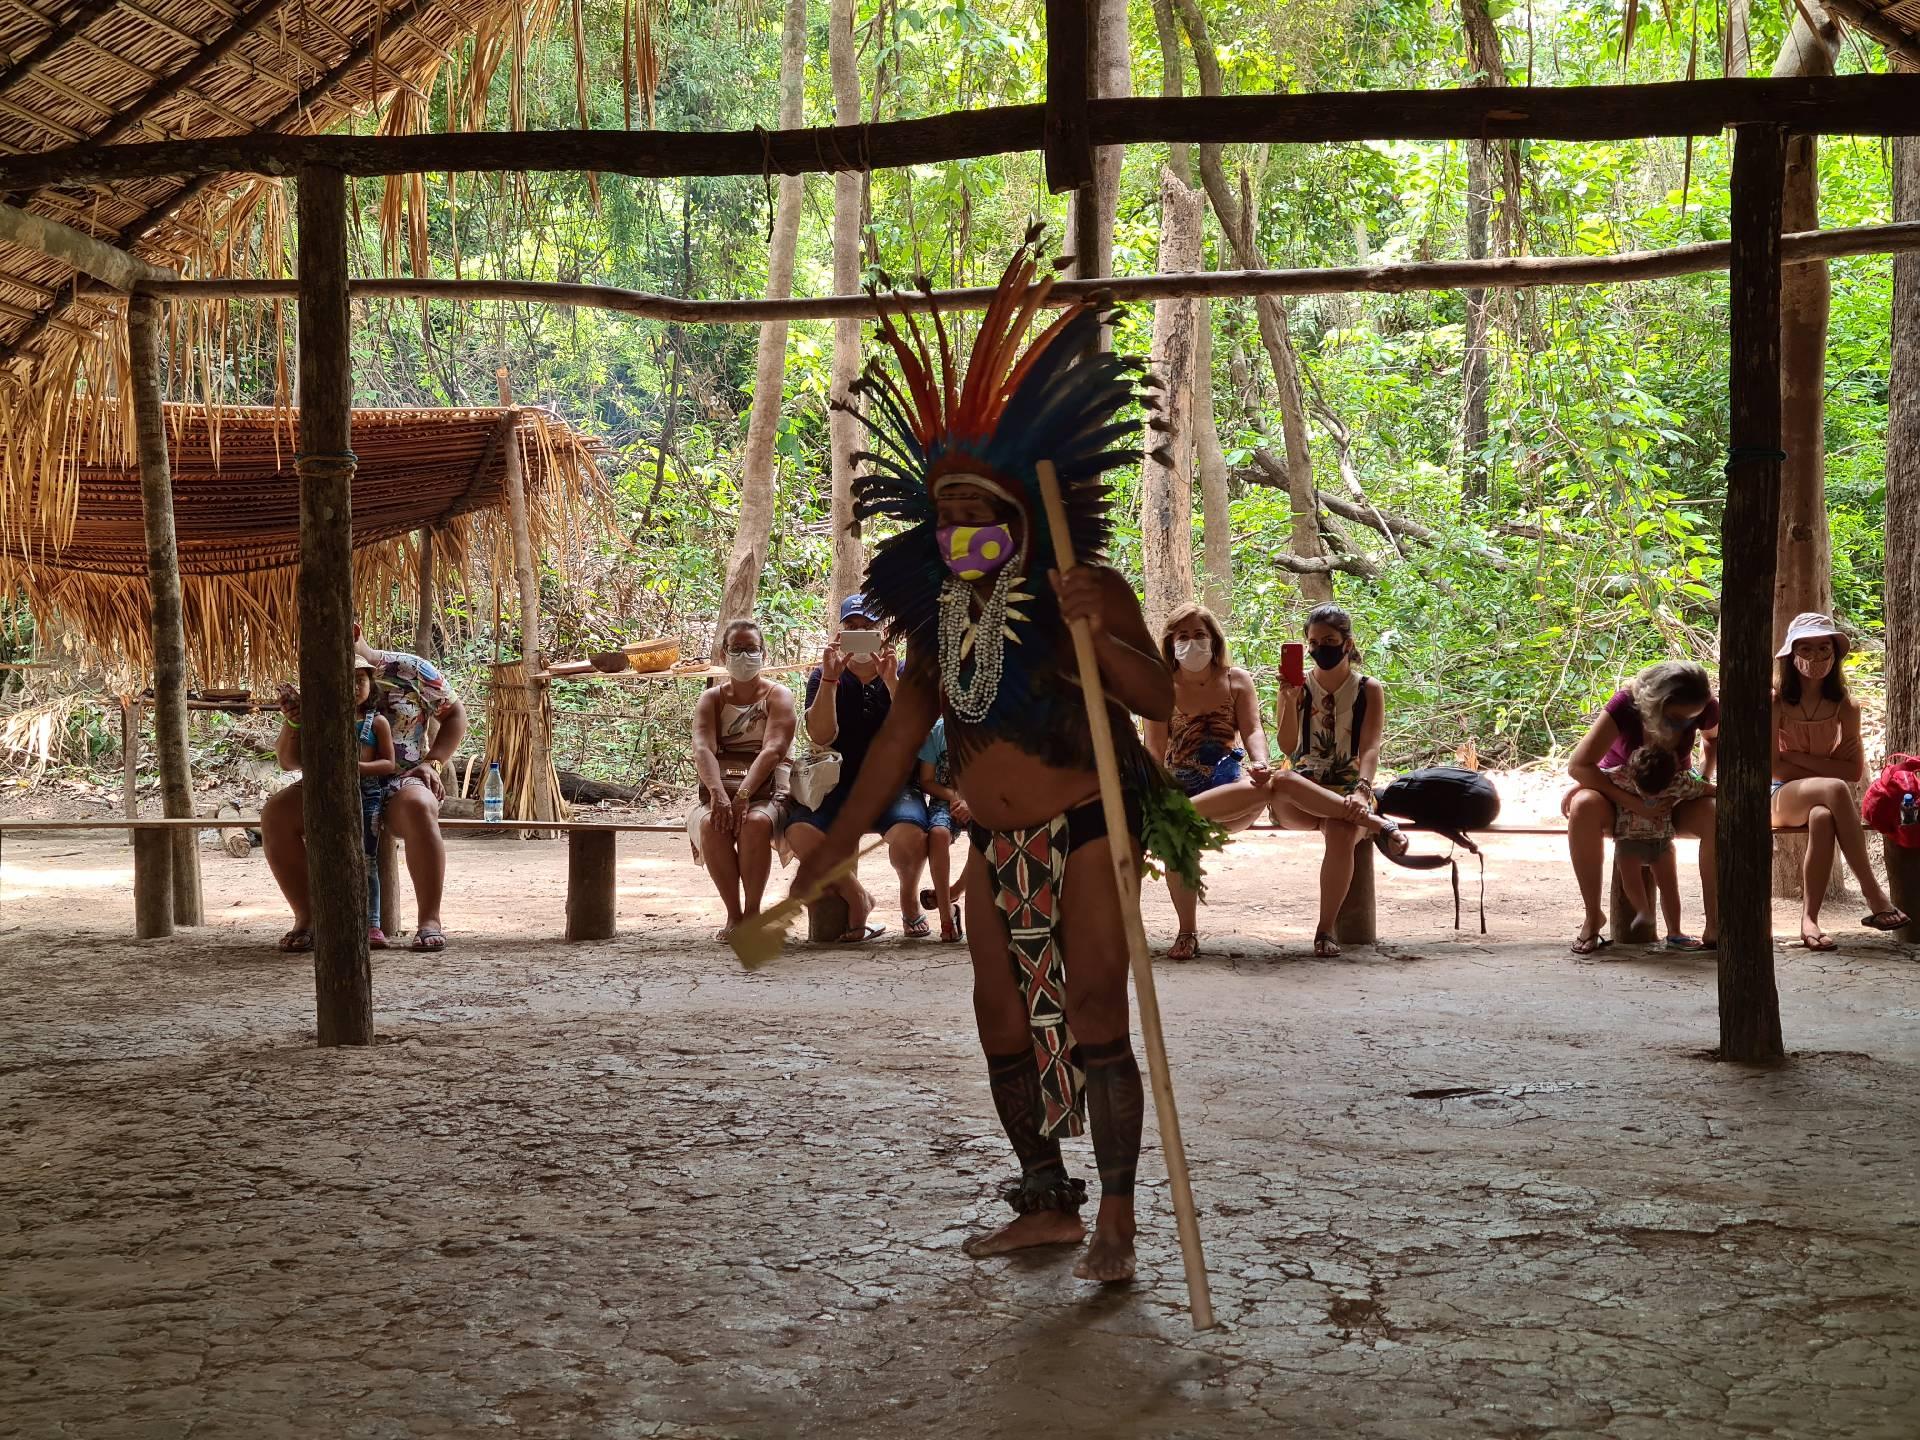 вождь индейского племени начинает ритуал встречи гостей